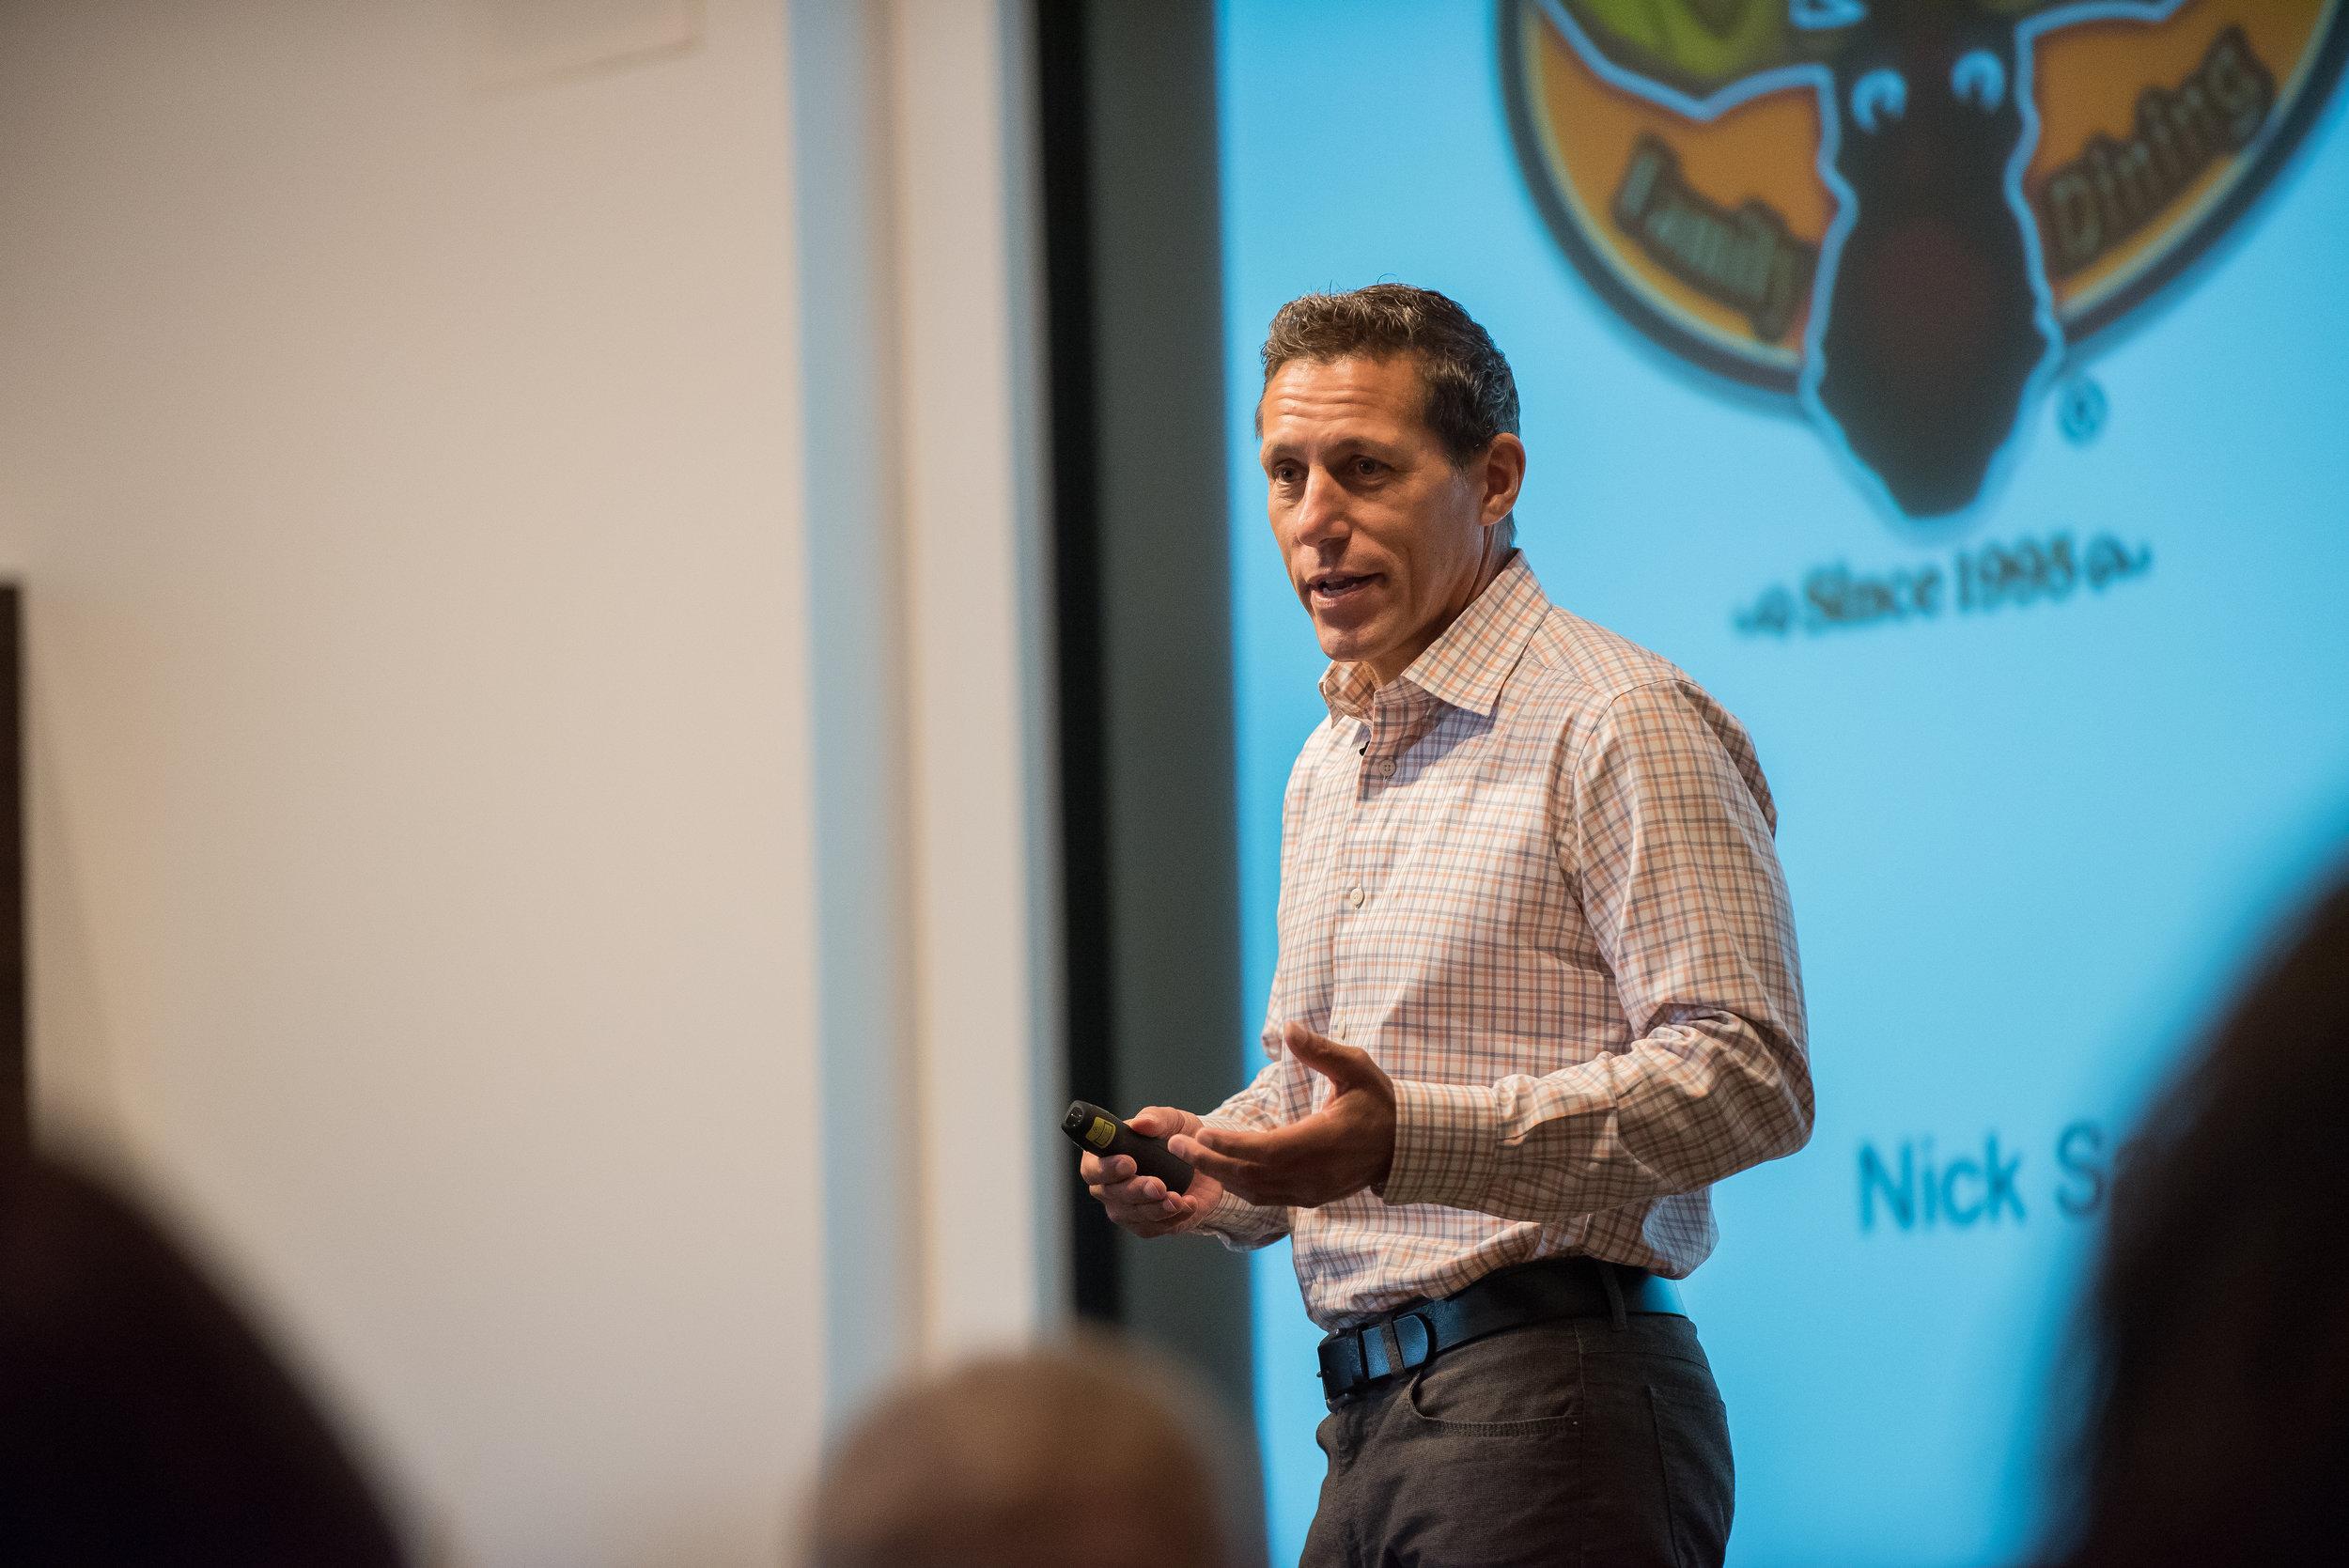 Nick Sarillo Presenting